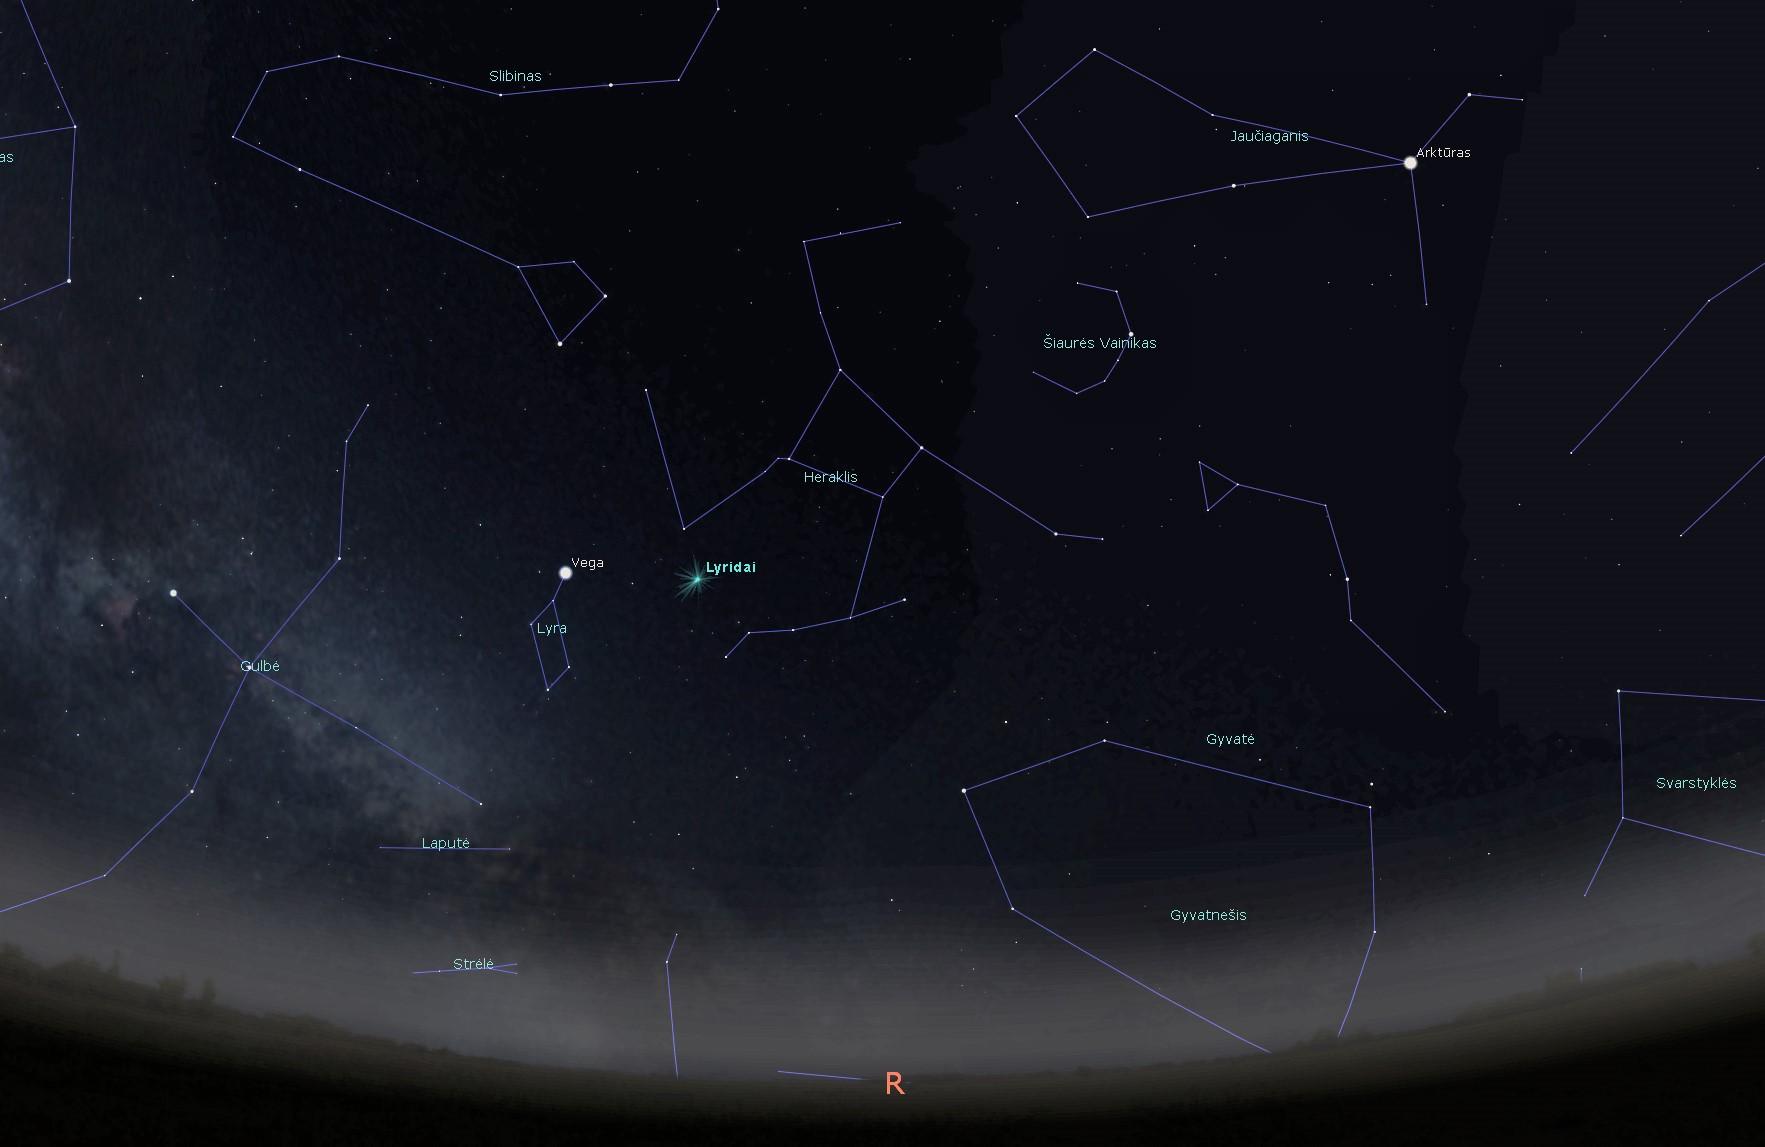 Lyridų meteorų srauto taško į kurį žiūrint iš Žemės atrodo, kad jame yra meteorų spiečiaus šaltinis radianto padėtis 2020 balandžio 22 d. 00 val. Piešinys atliktas programa Stellarium | J. Vaiškūno nuotr.